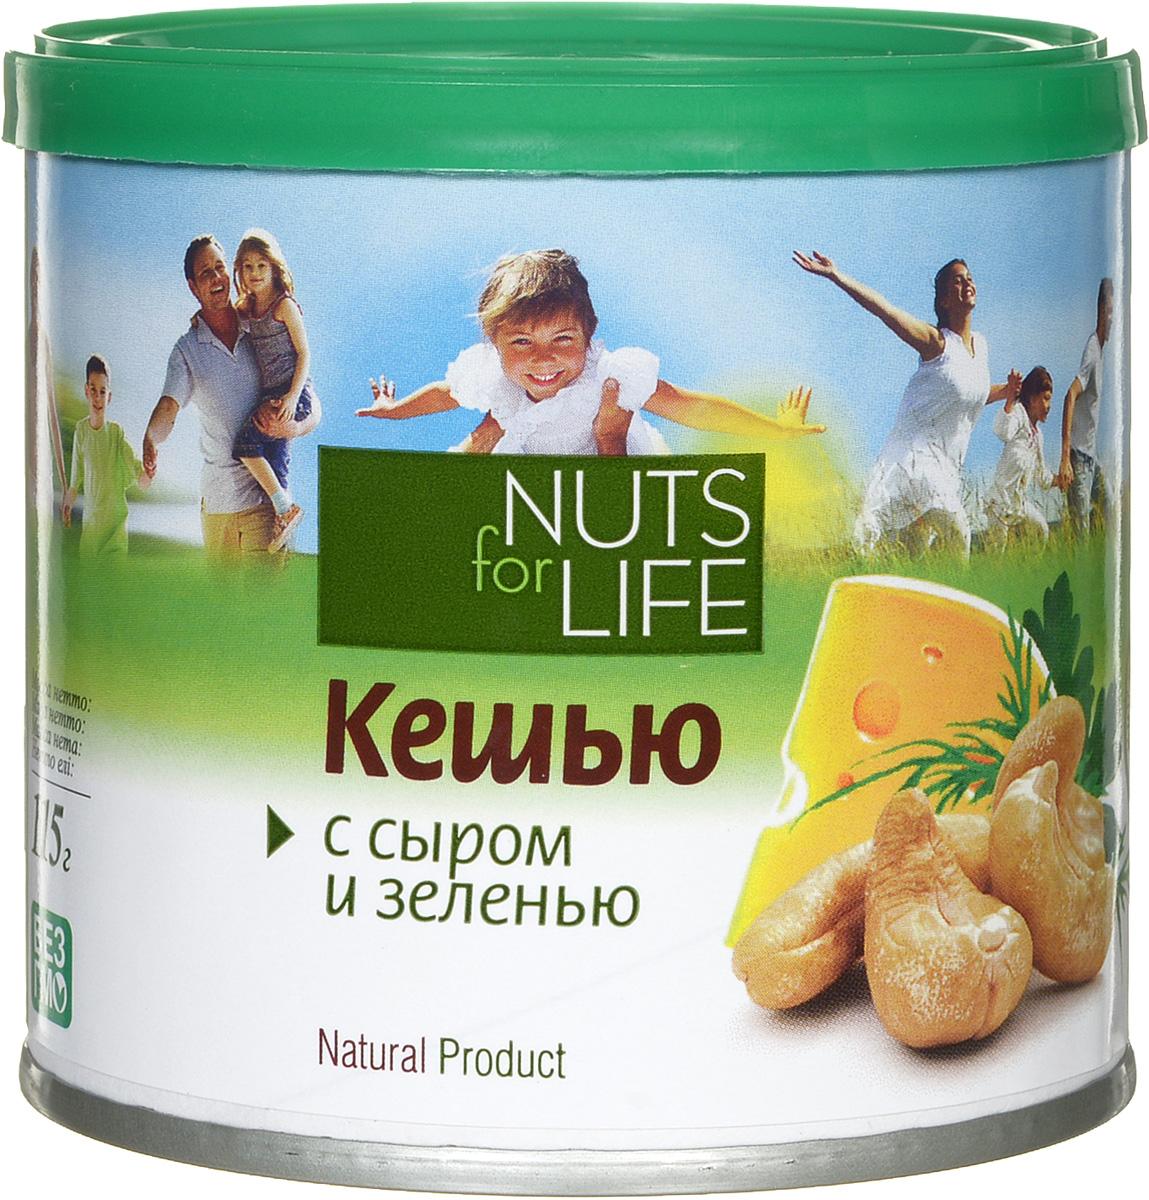 Nuts for Life Кешью обжаренный соленый с сыром и зеленью, 115 гU921064Сливочный сыр, смешанный с натуральной зеленью покрывает деликатно обжаренный целый кешью. Едва уловимый пряно-сливочный вкус великолепно дополняет орех!